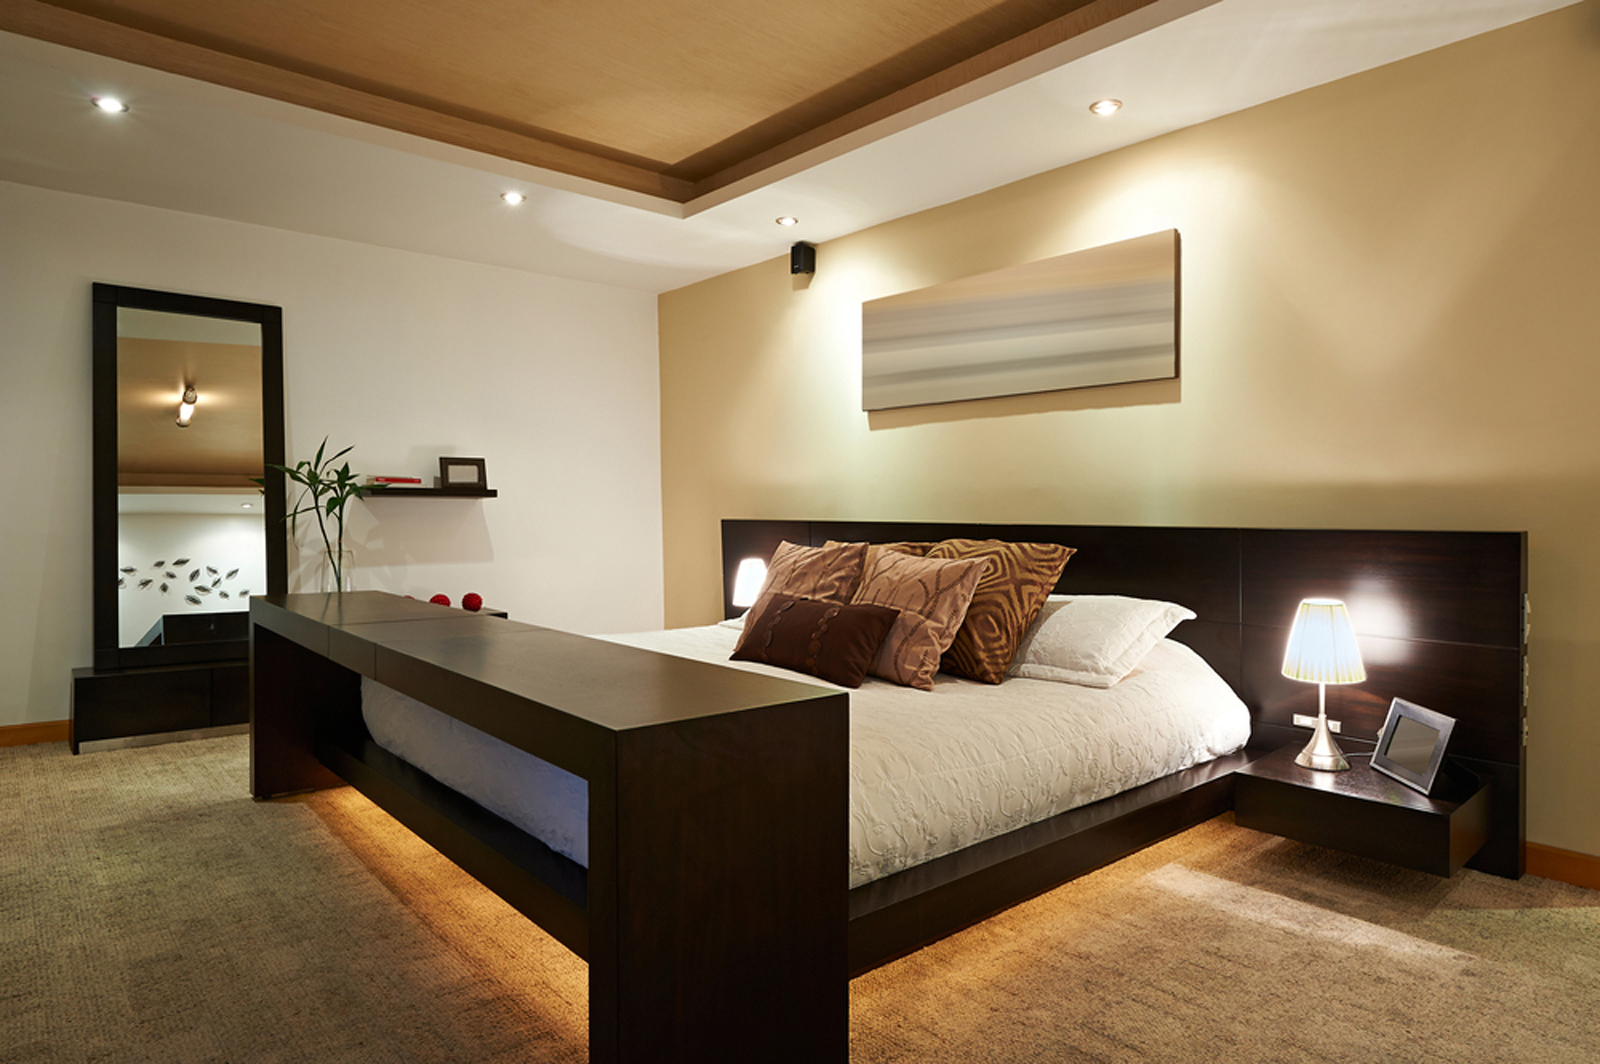 Mobilier bois lit hotel chambre